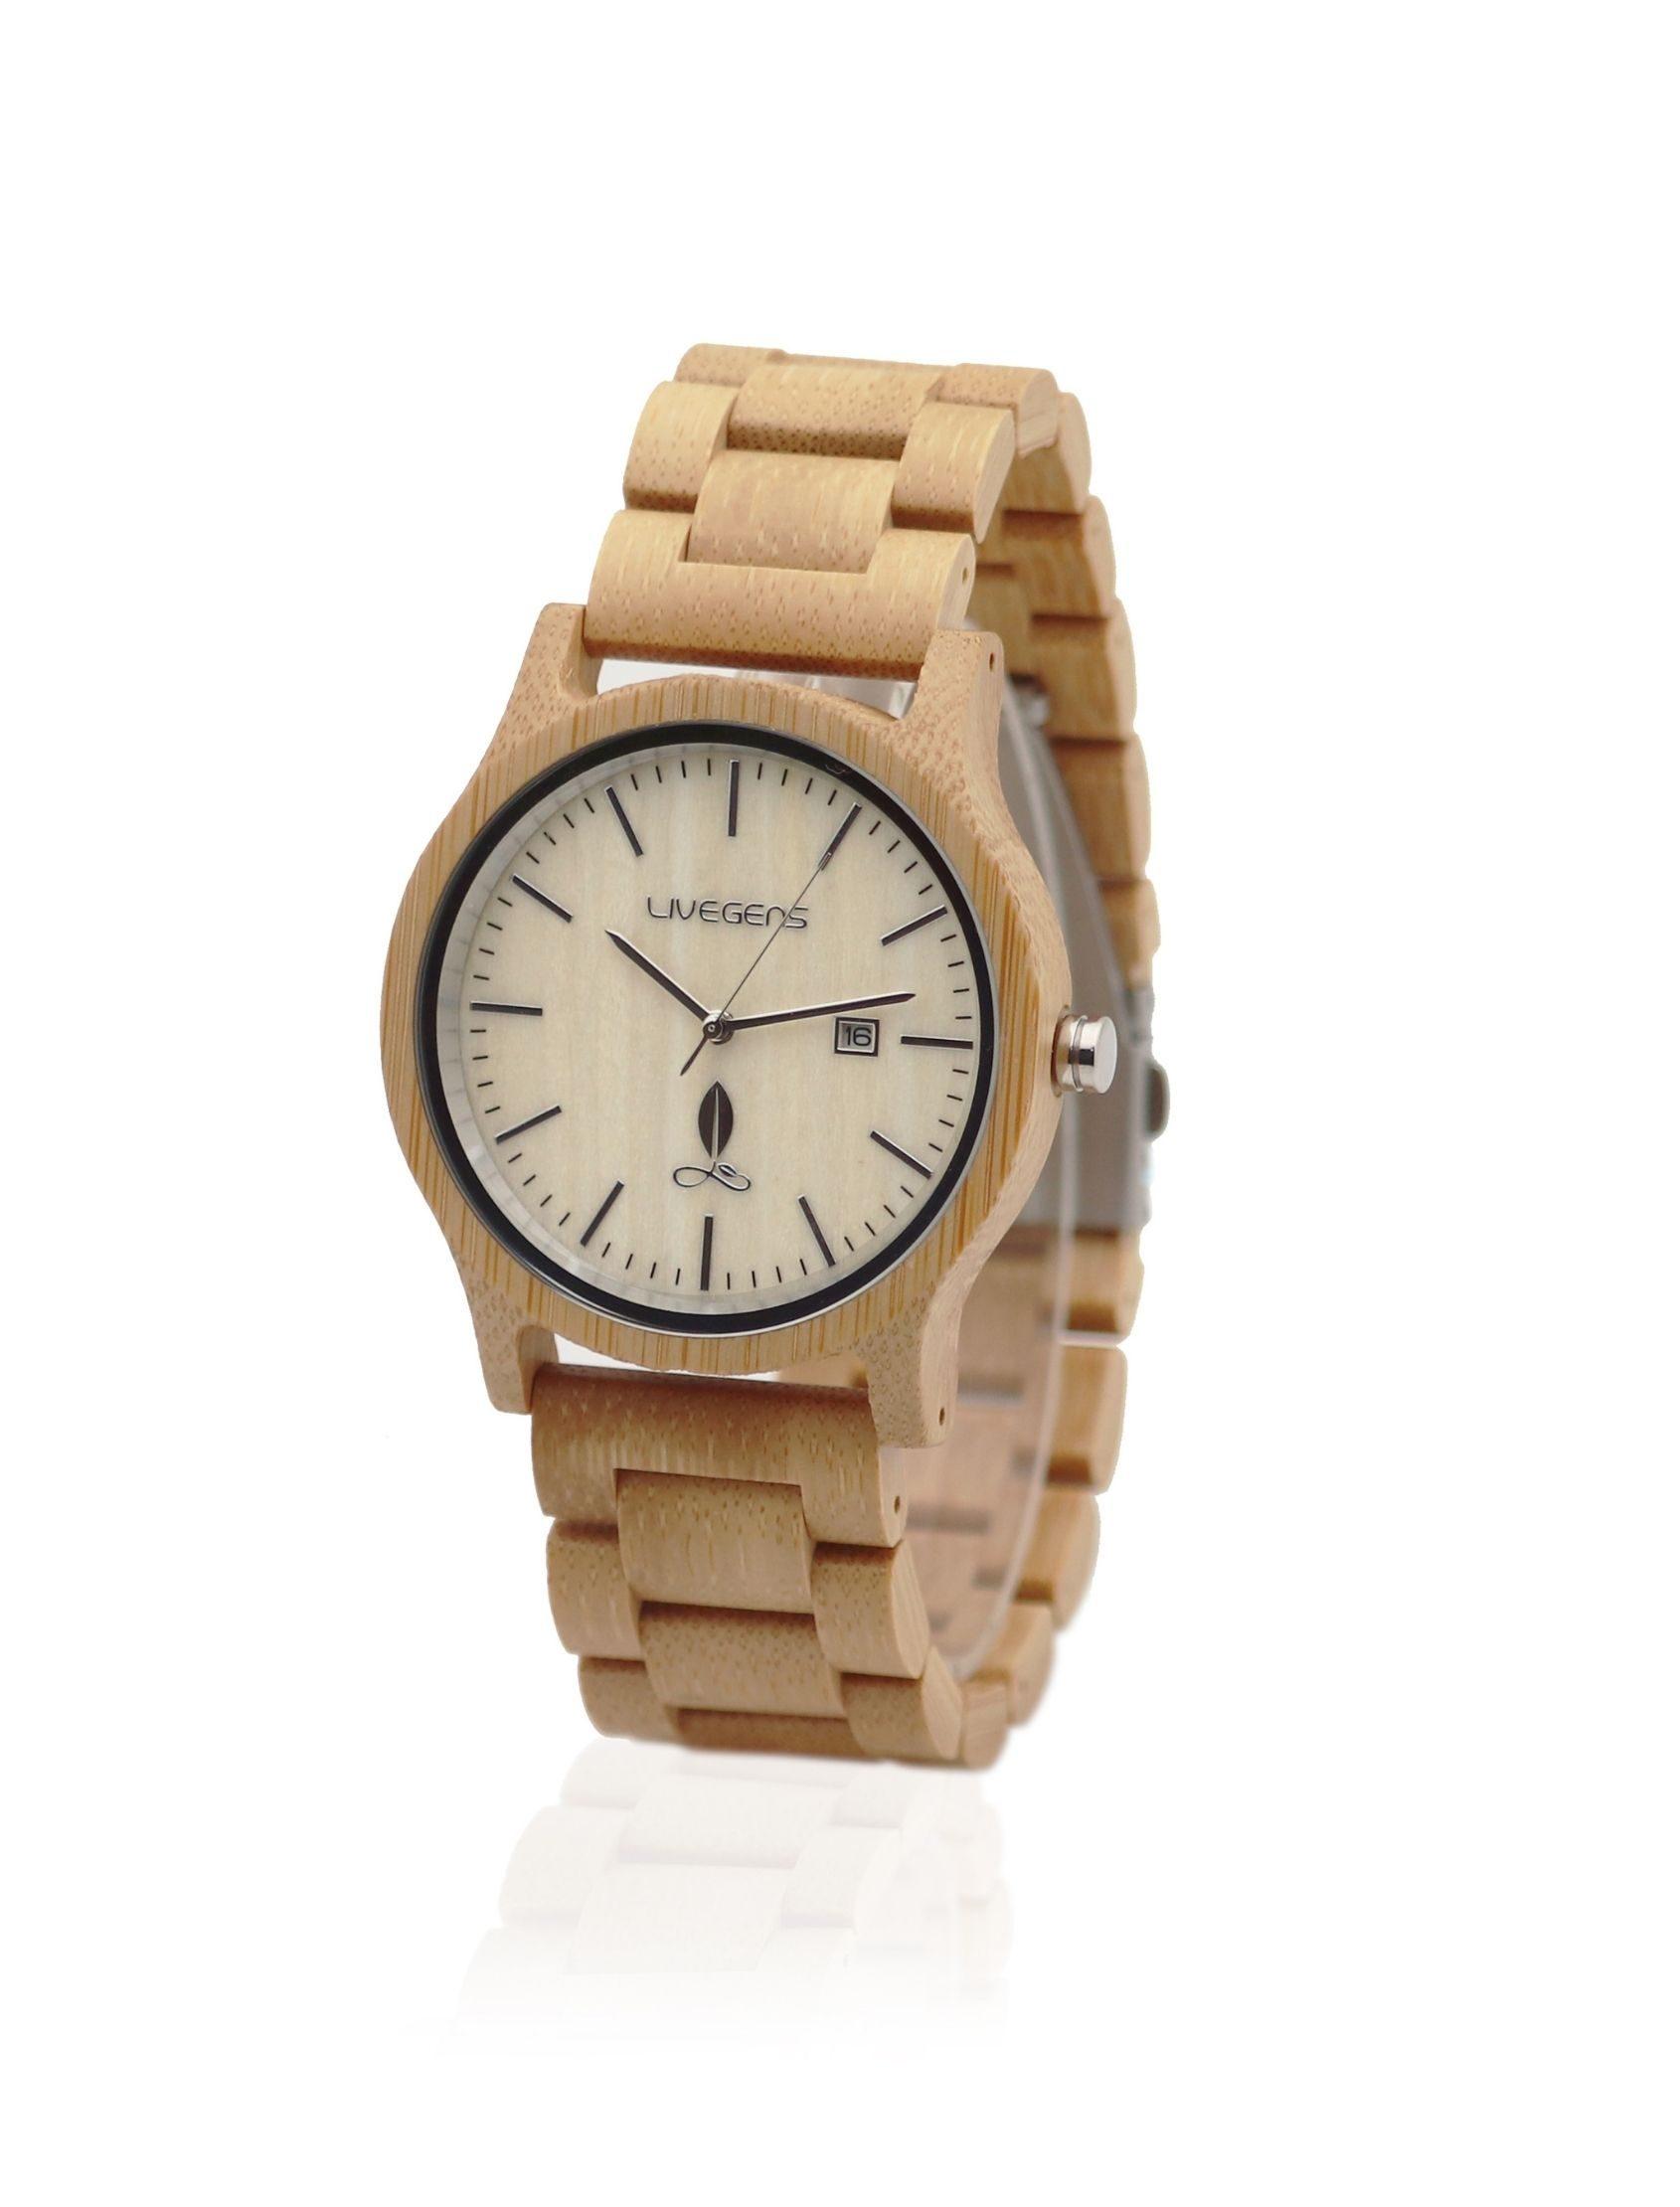 reloj livegens sahara madera hecho artesanalmente